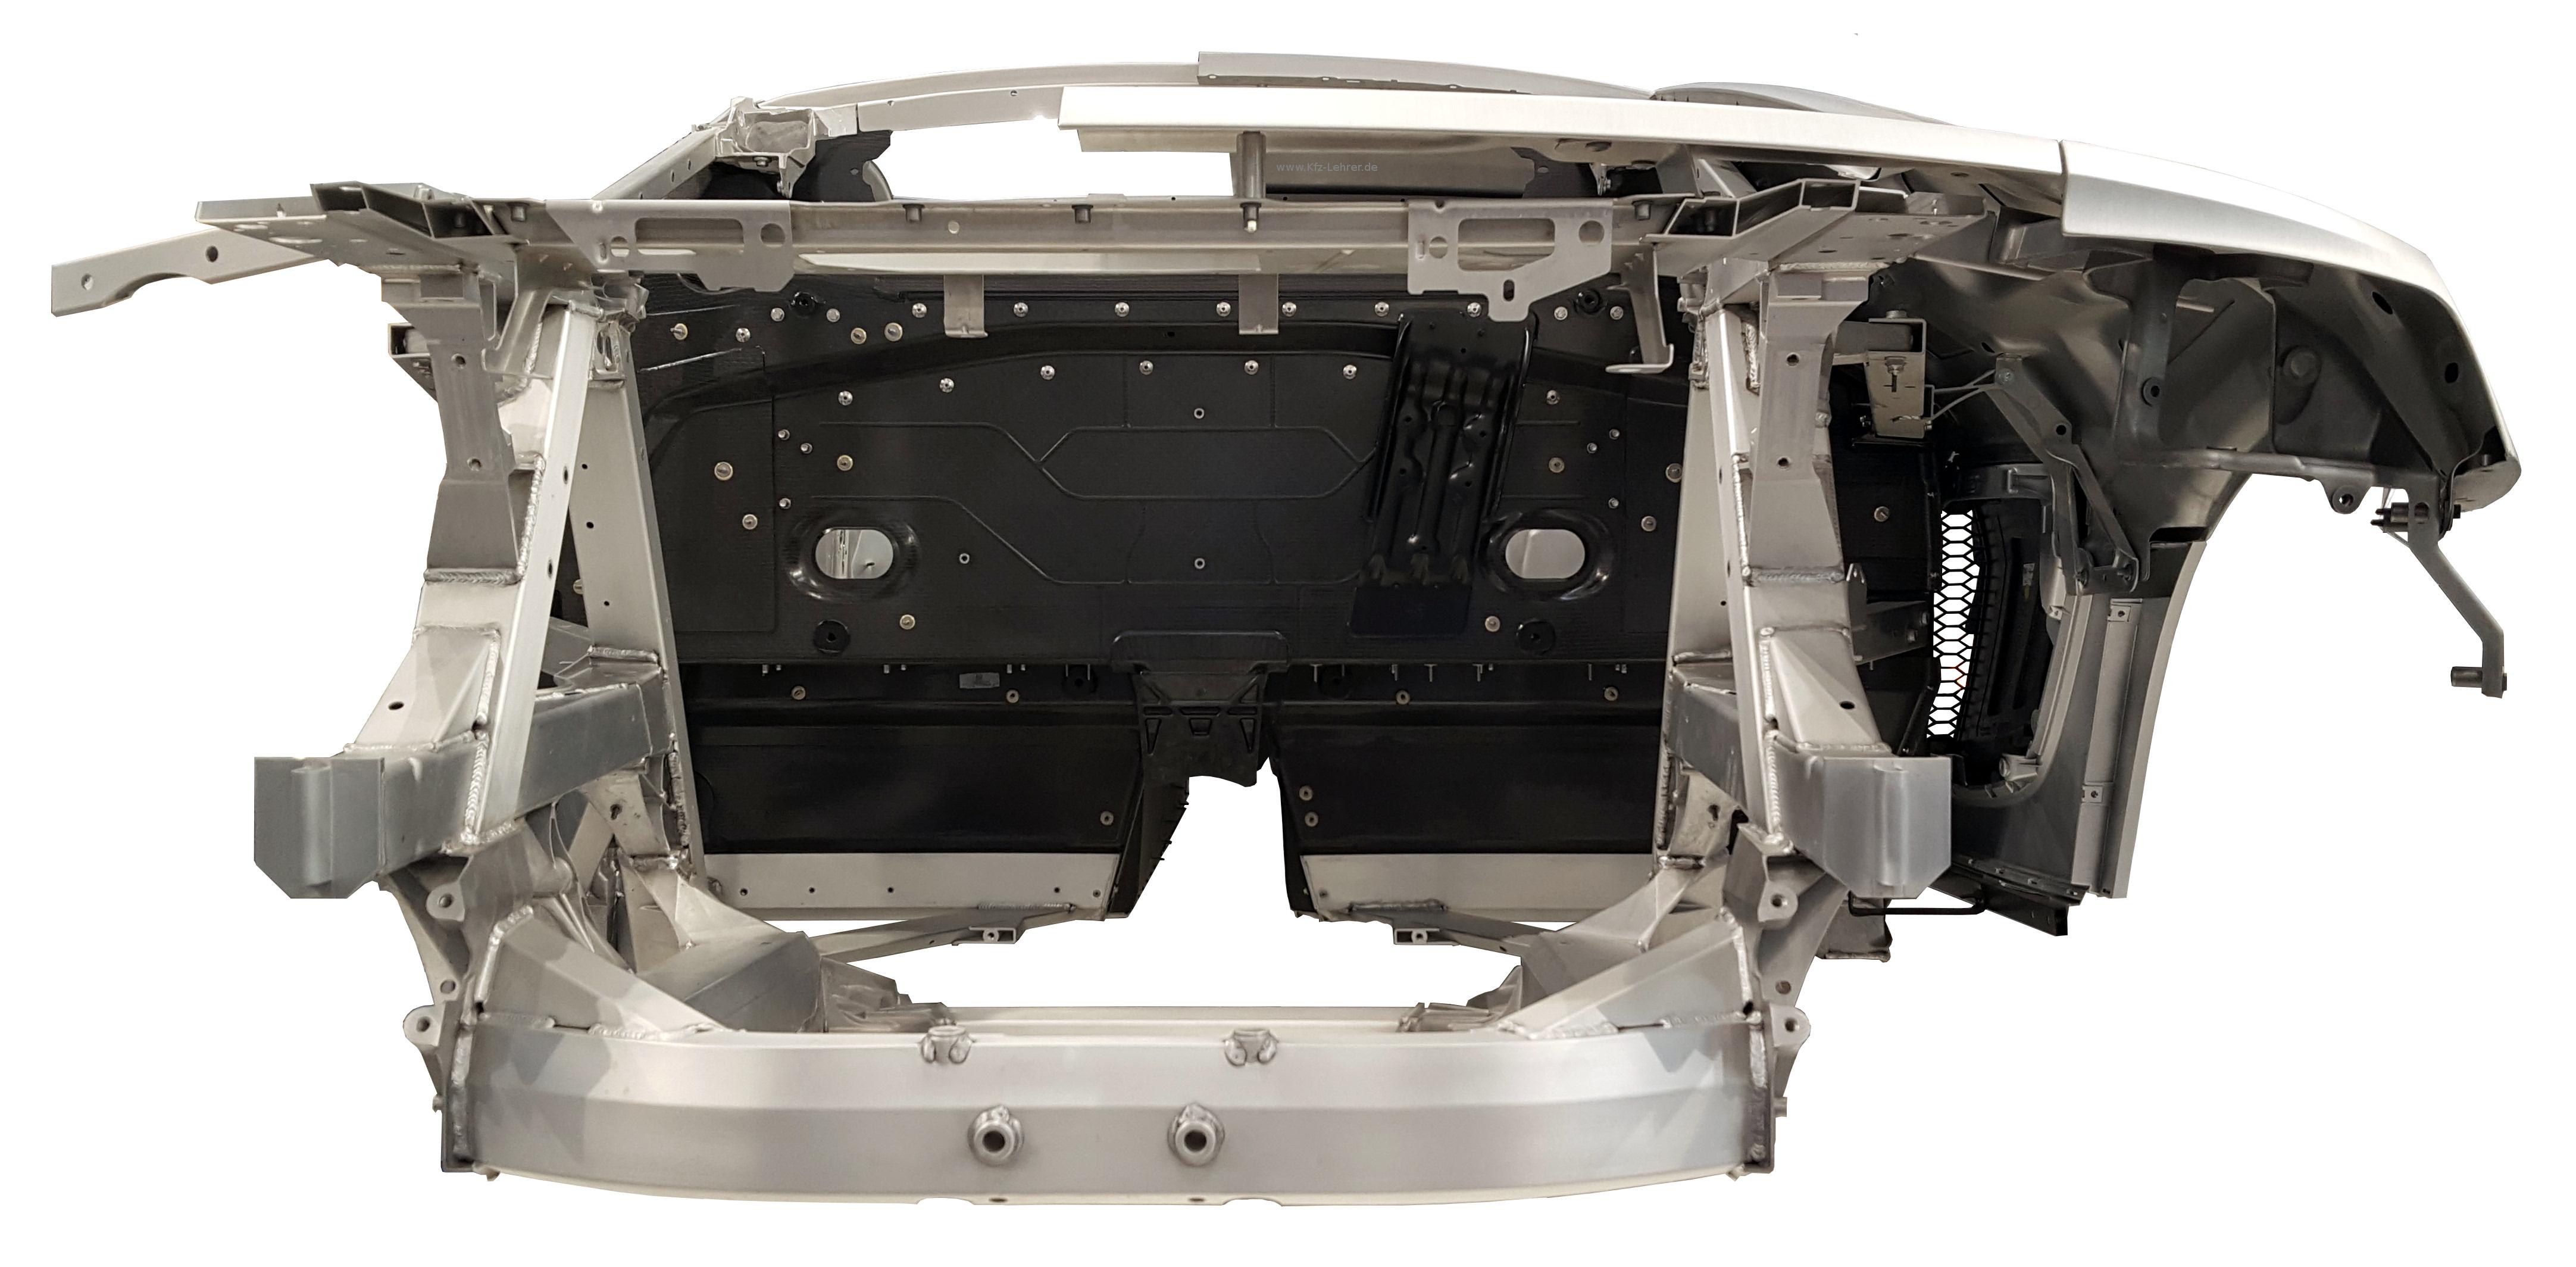 Blick auf die Rohkarosserie des Audi R8 von 2016 von hinten